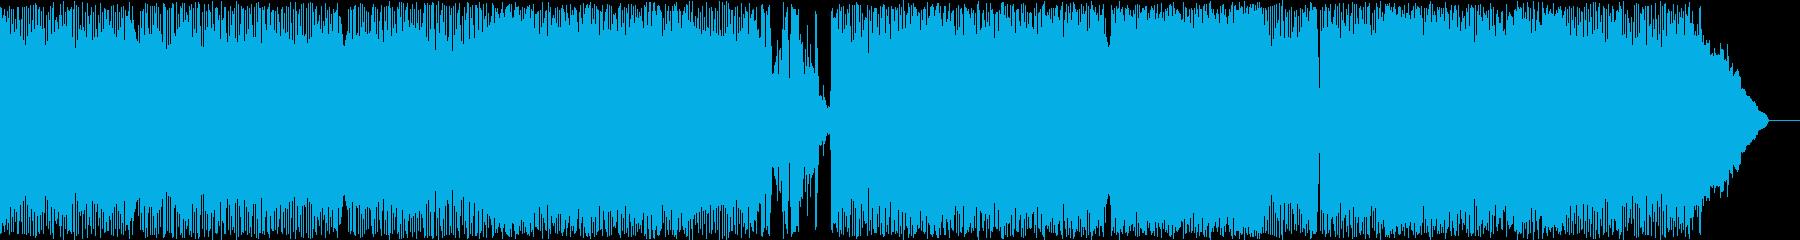 メジャーでテンポの速いloudサウンドの再生済みの波形